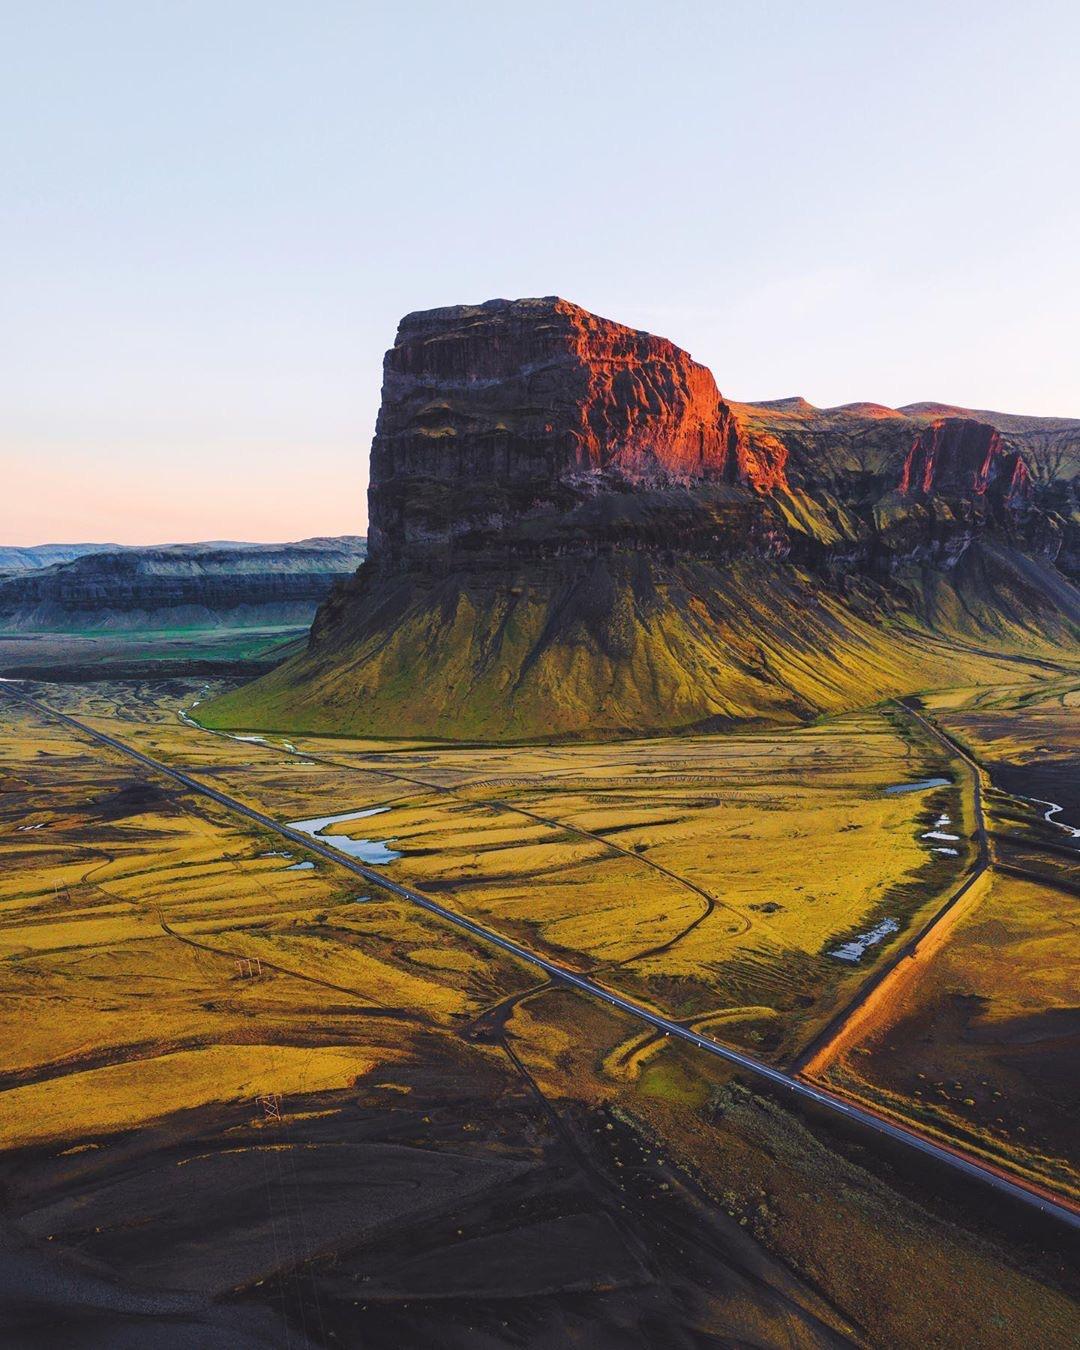 冰岛,一种走到世界尽头的感觉